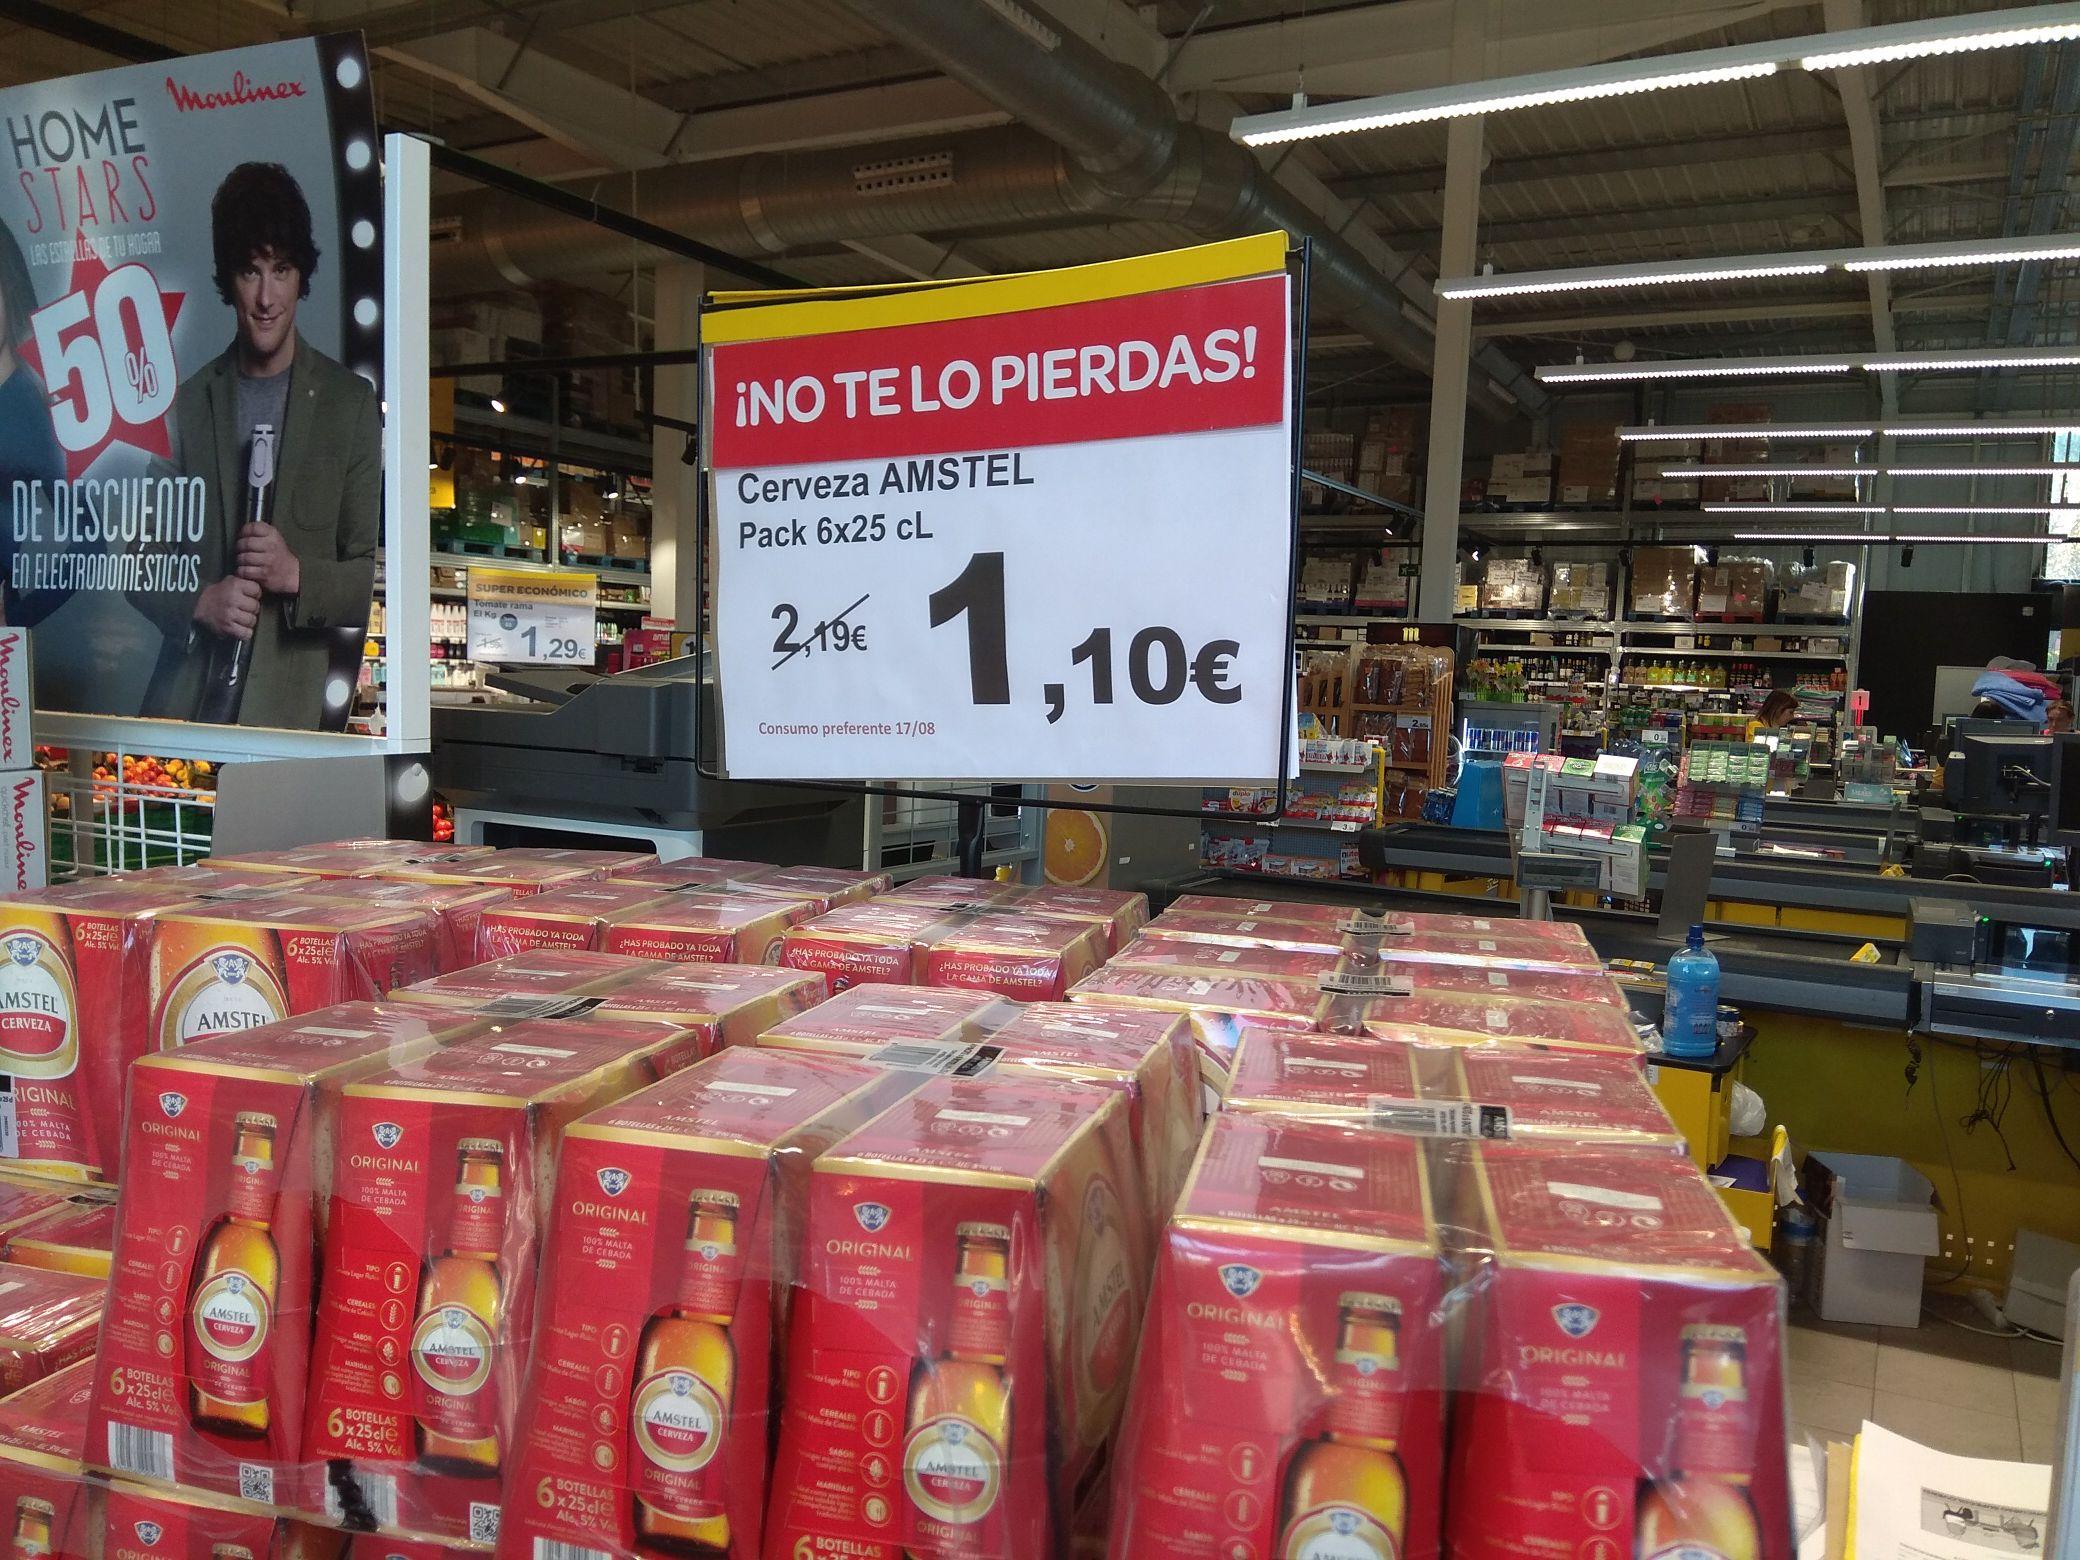 Cerveza Amstel. Pack 6 de 25 cl ( Supeco de Leganés)